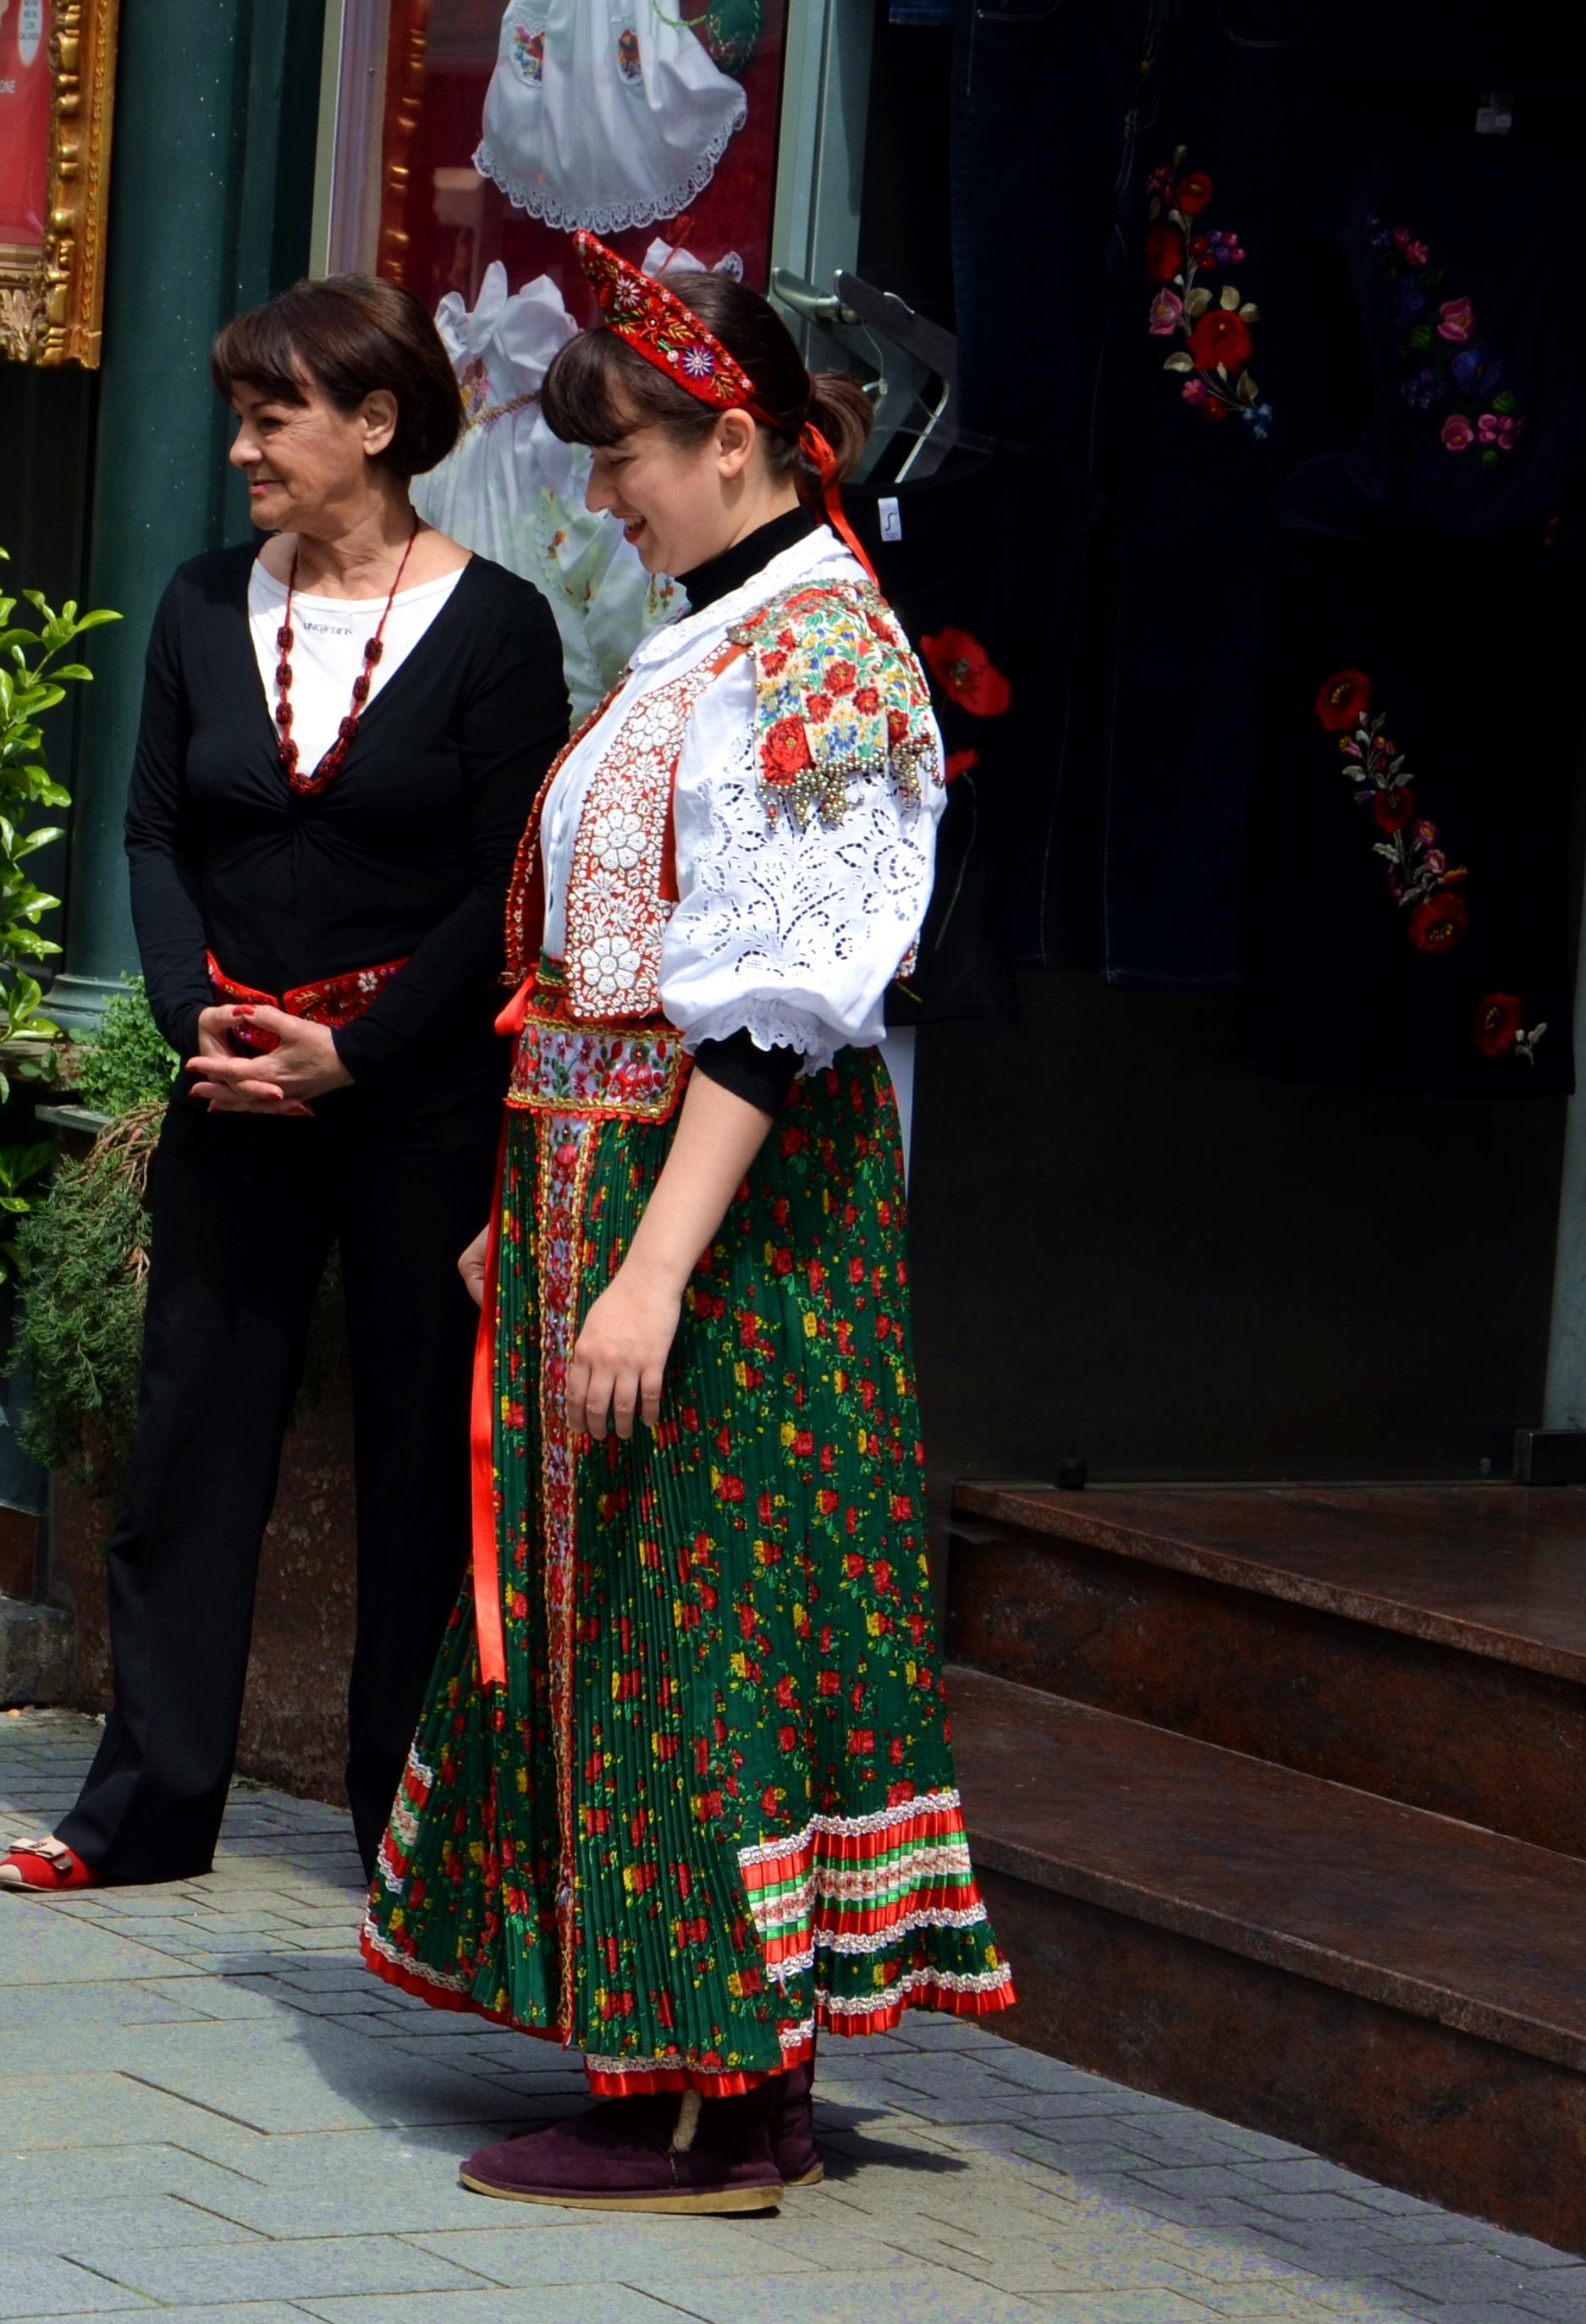 Węgierka w stroju ludowym